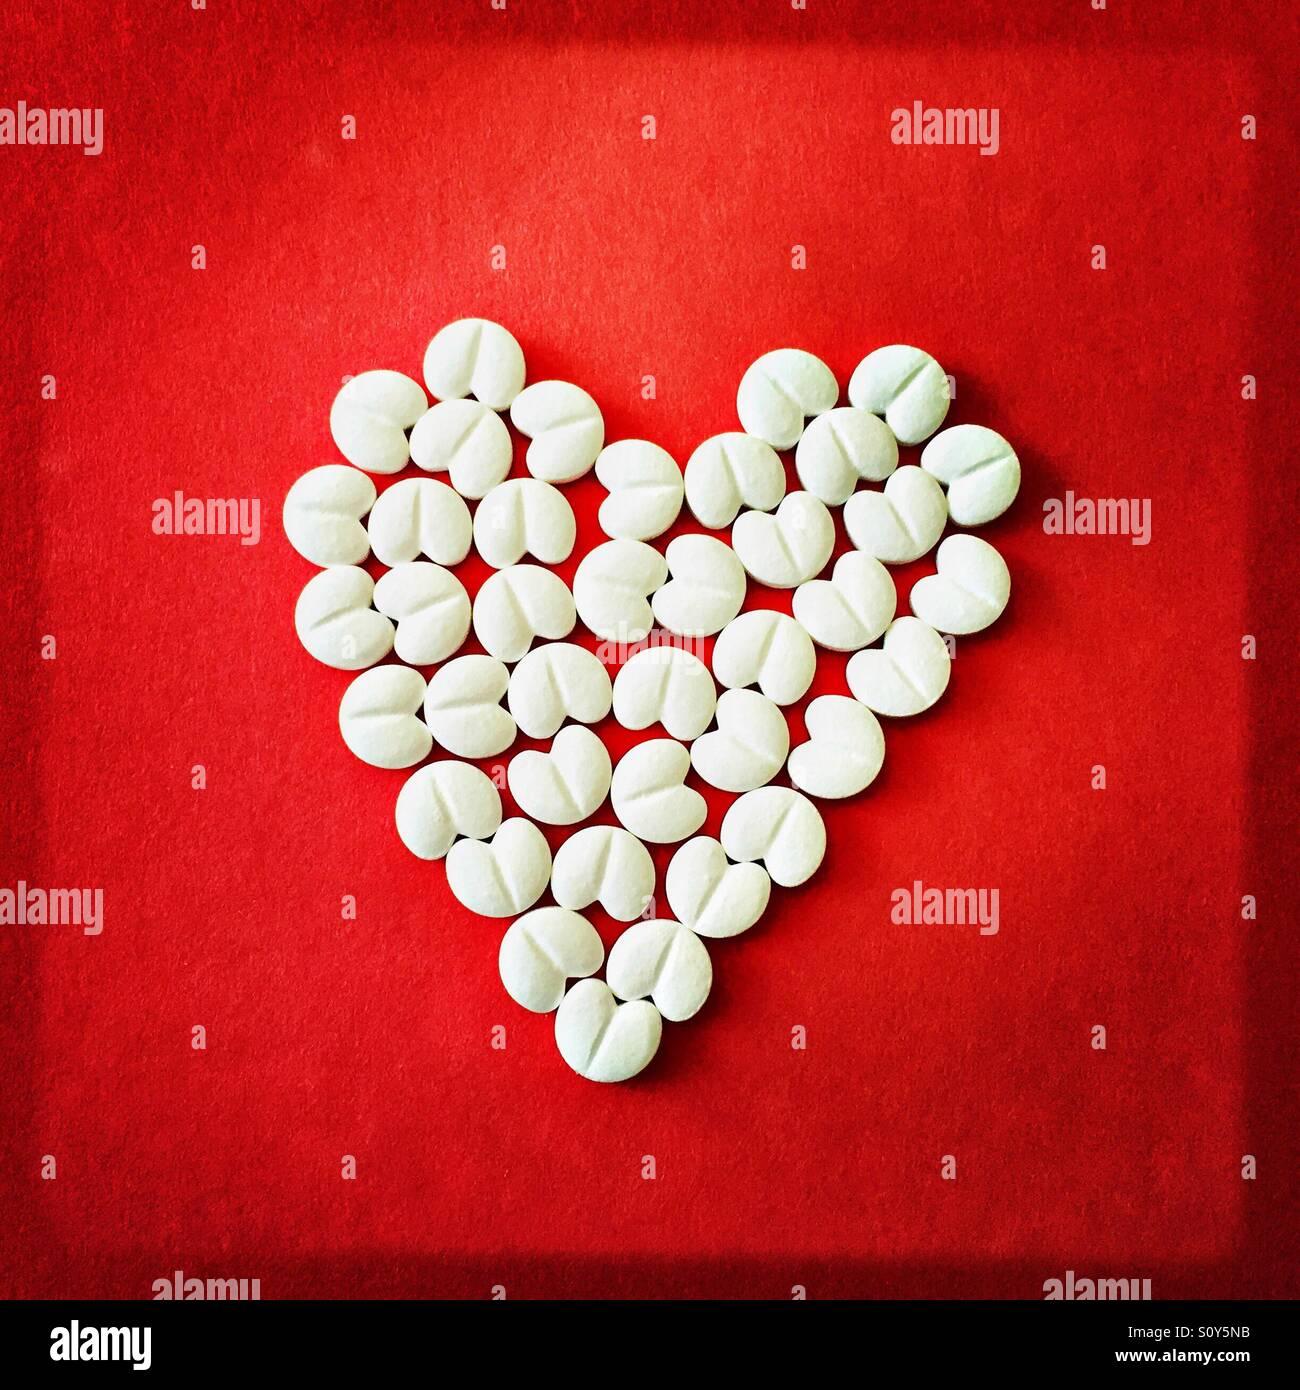 Herzförmigen Tabletten auf rotem Grund Stockfoto